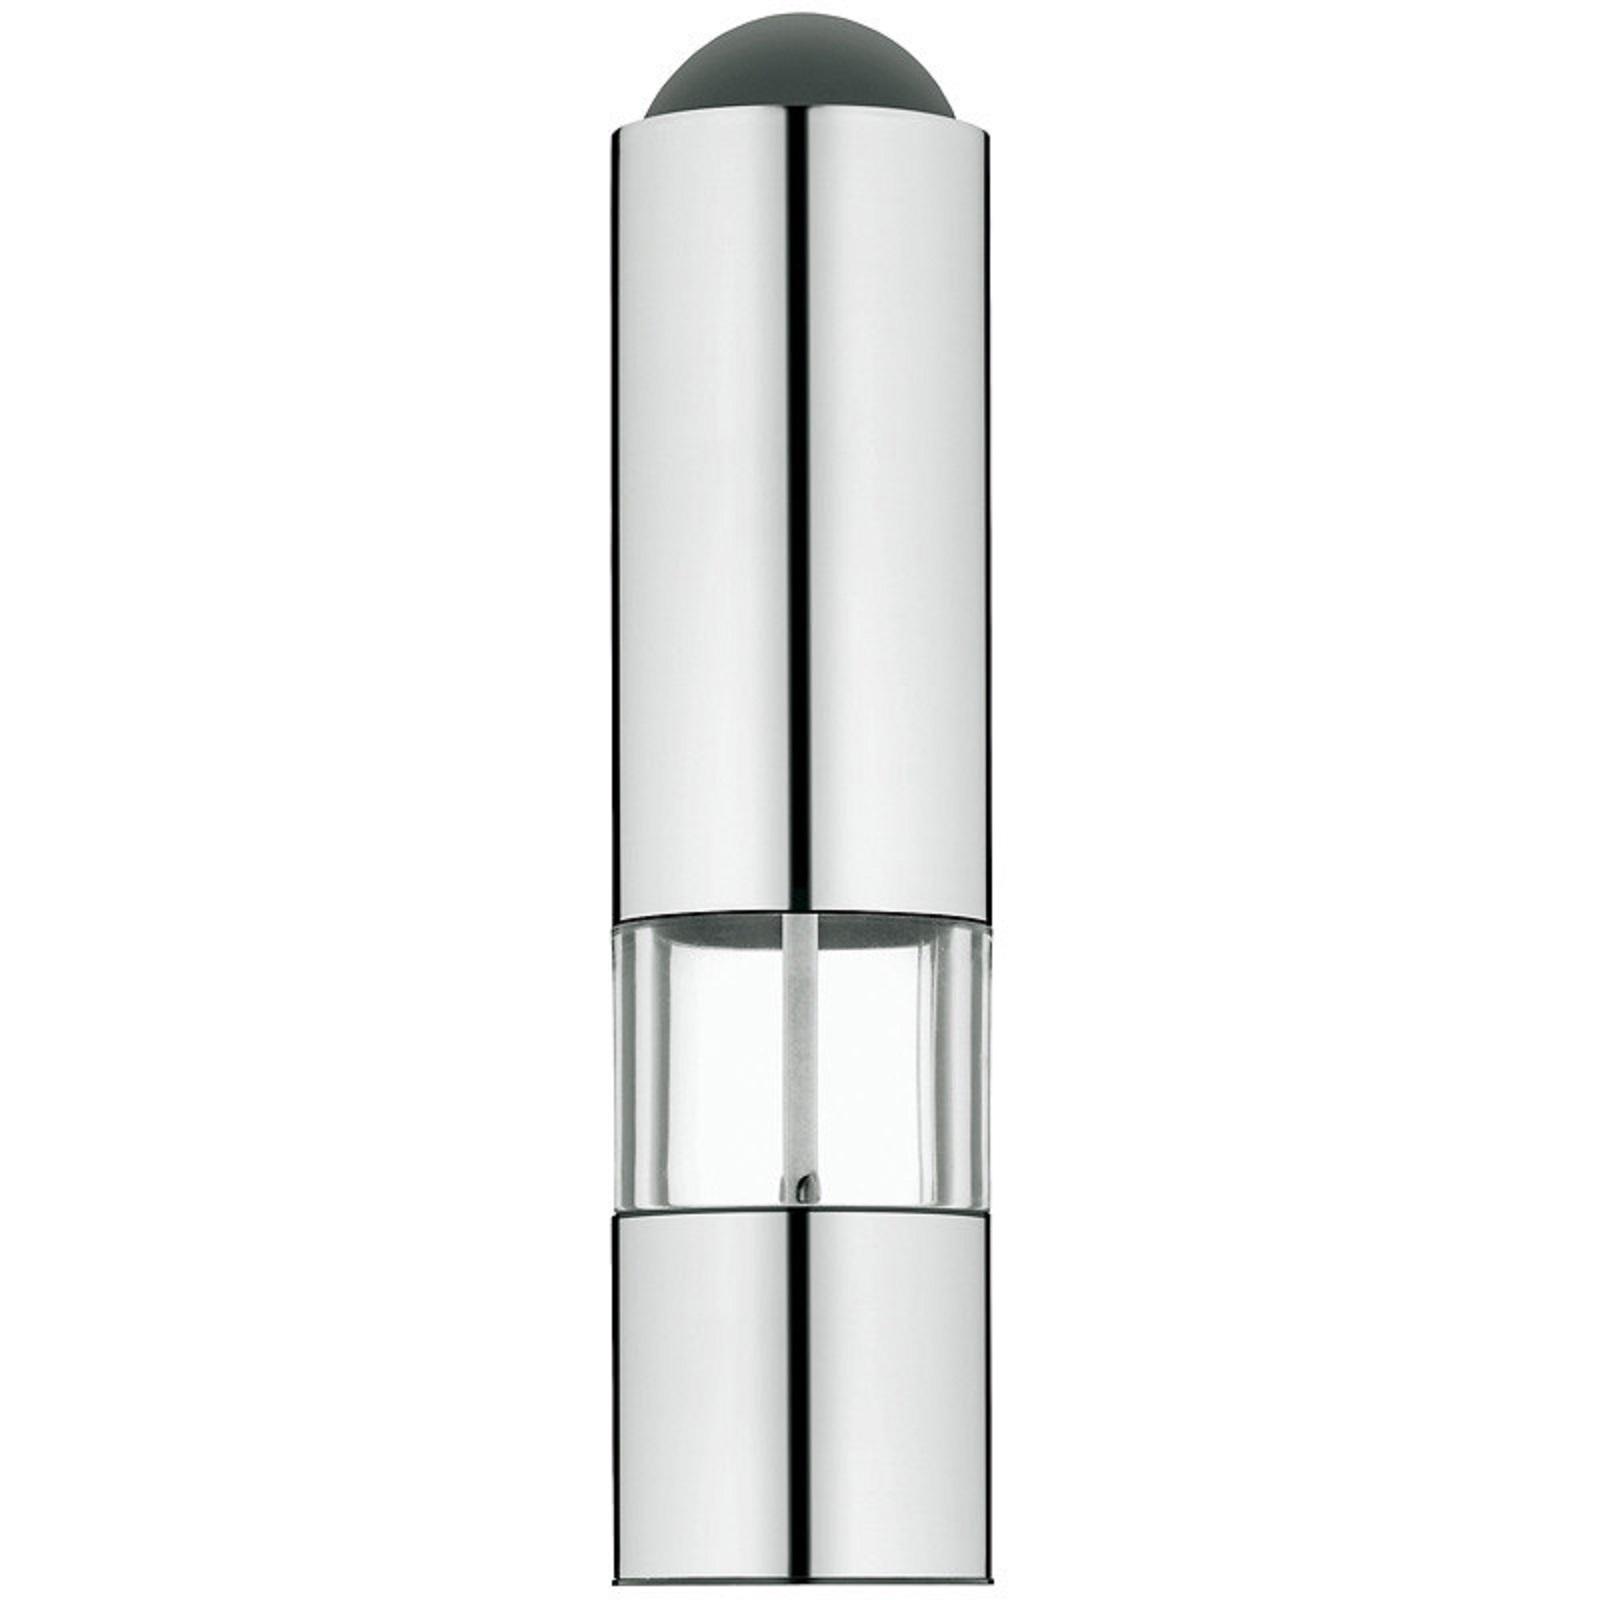 Онлайн каталог PROMENU: Мельница электрическая для соли WMF CERAMILL, высота 21 см, серебристый WMF 06 6730 6030